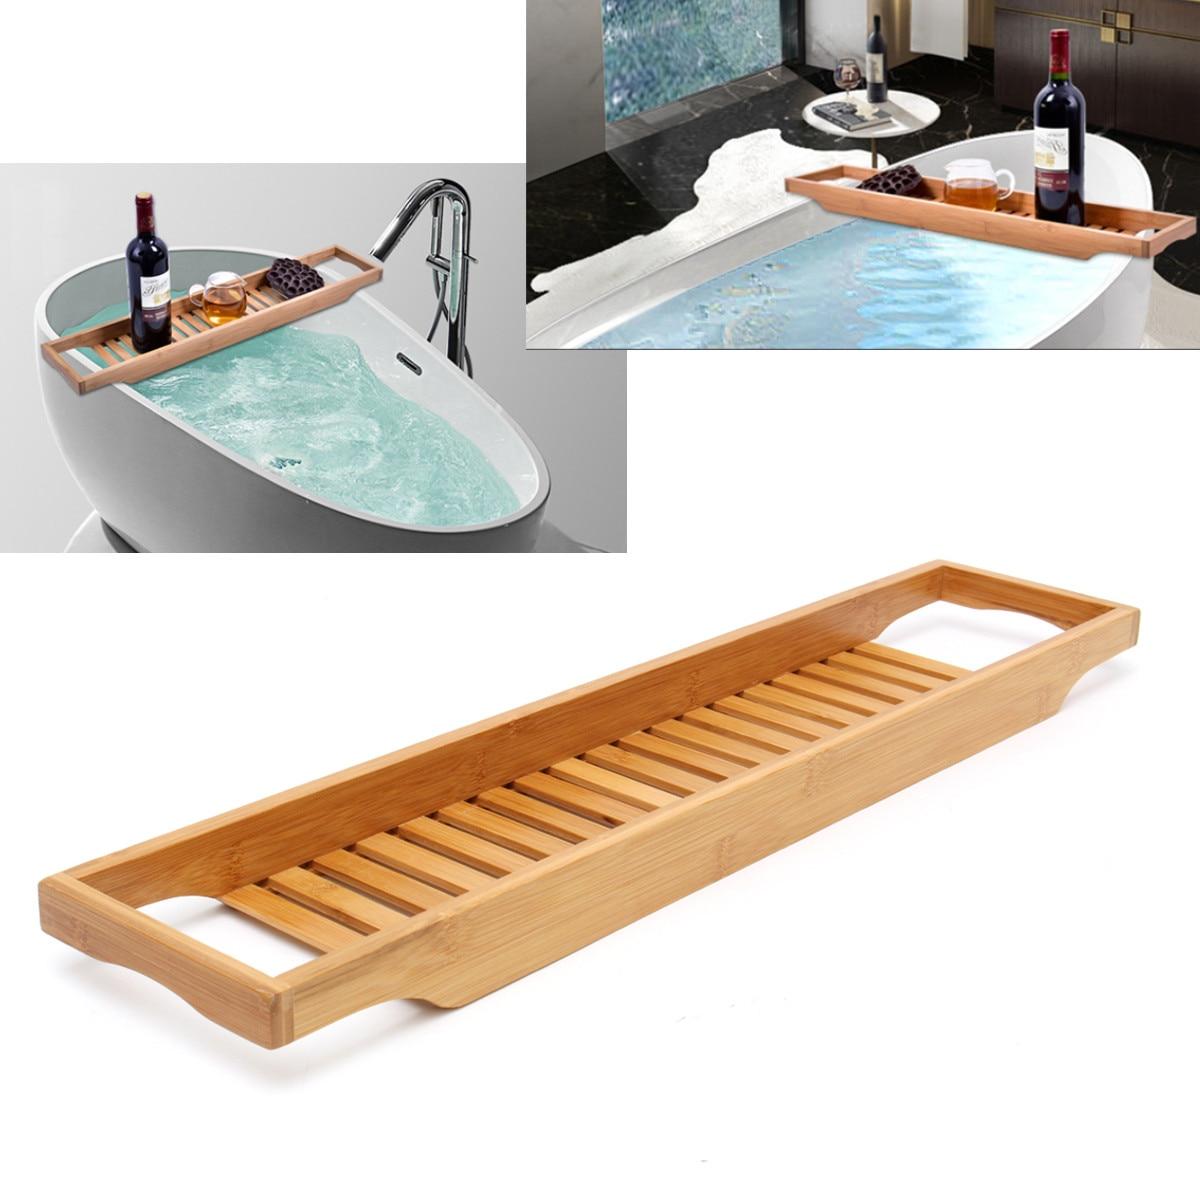 New Bathroom Bamboo Bath Holder Bath Shelf Caddy Wine Holder Tub ...